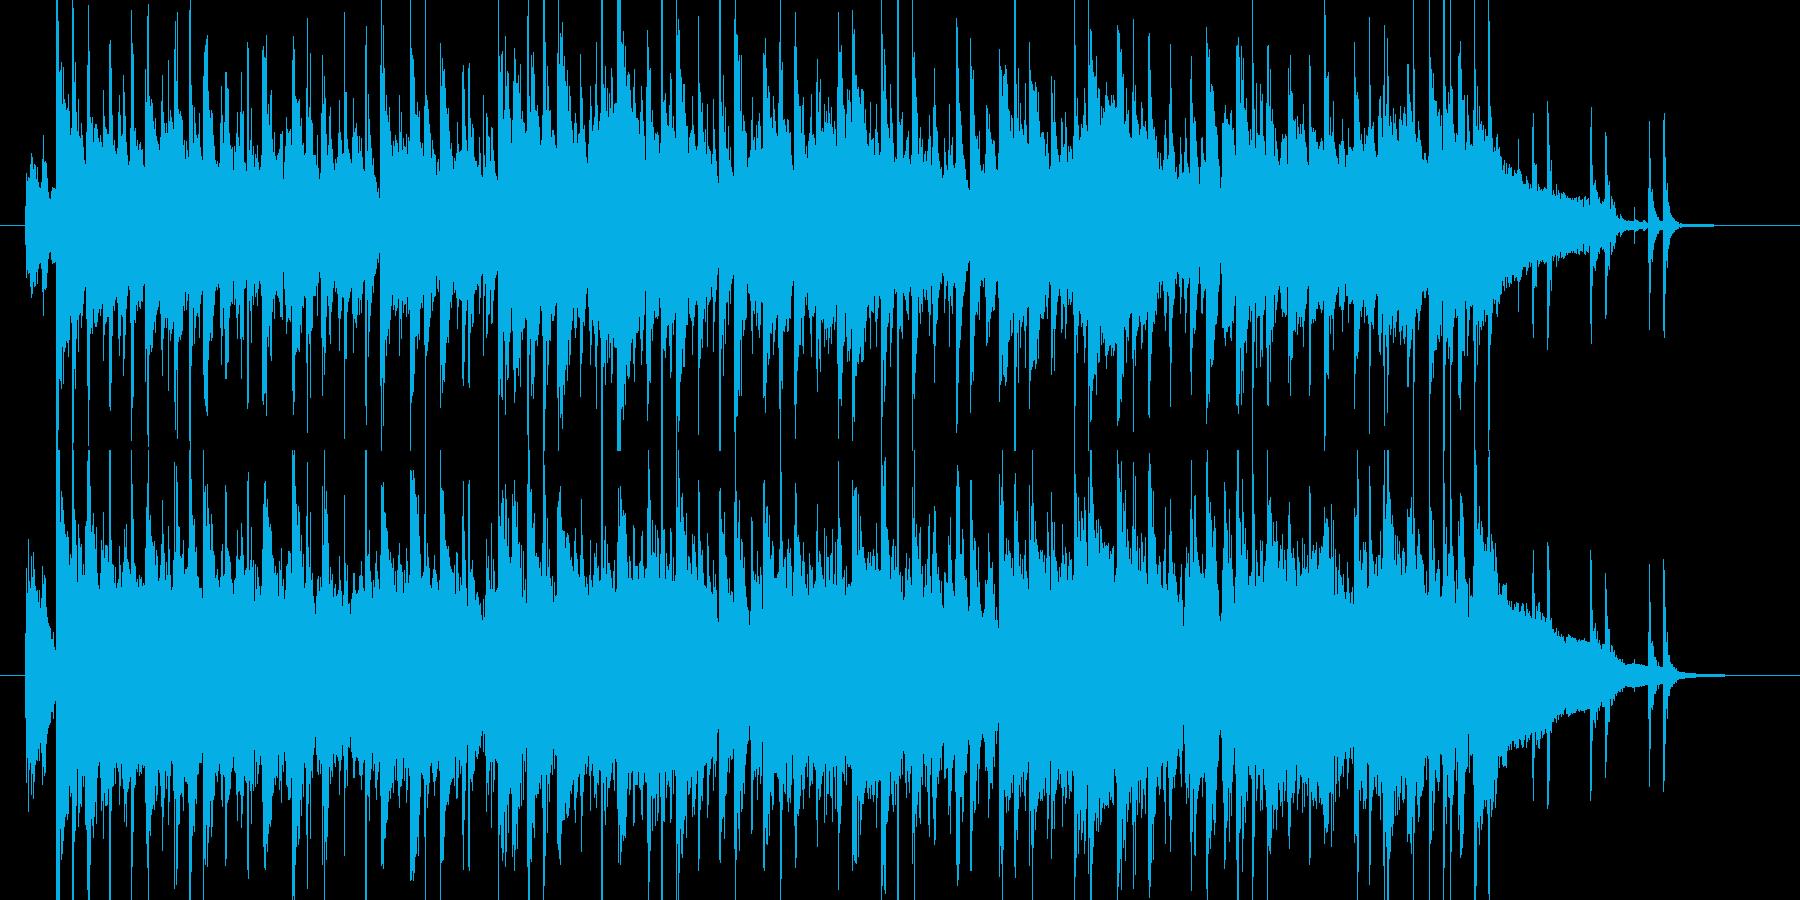 元気 ロック キッズ ジングルの再生済みの波形